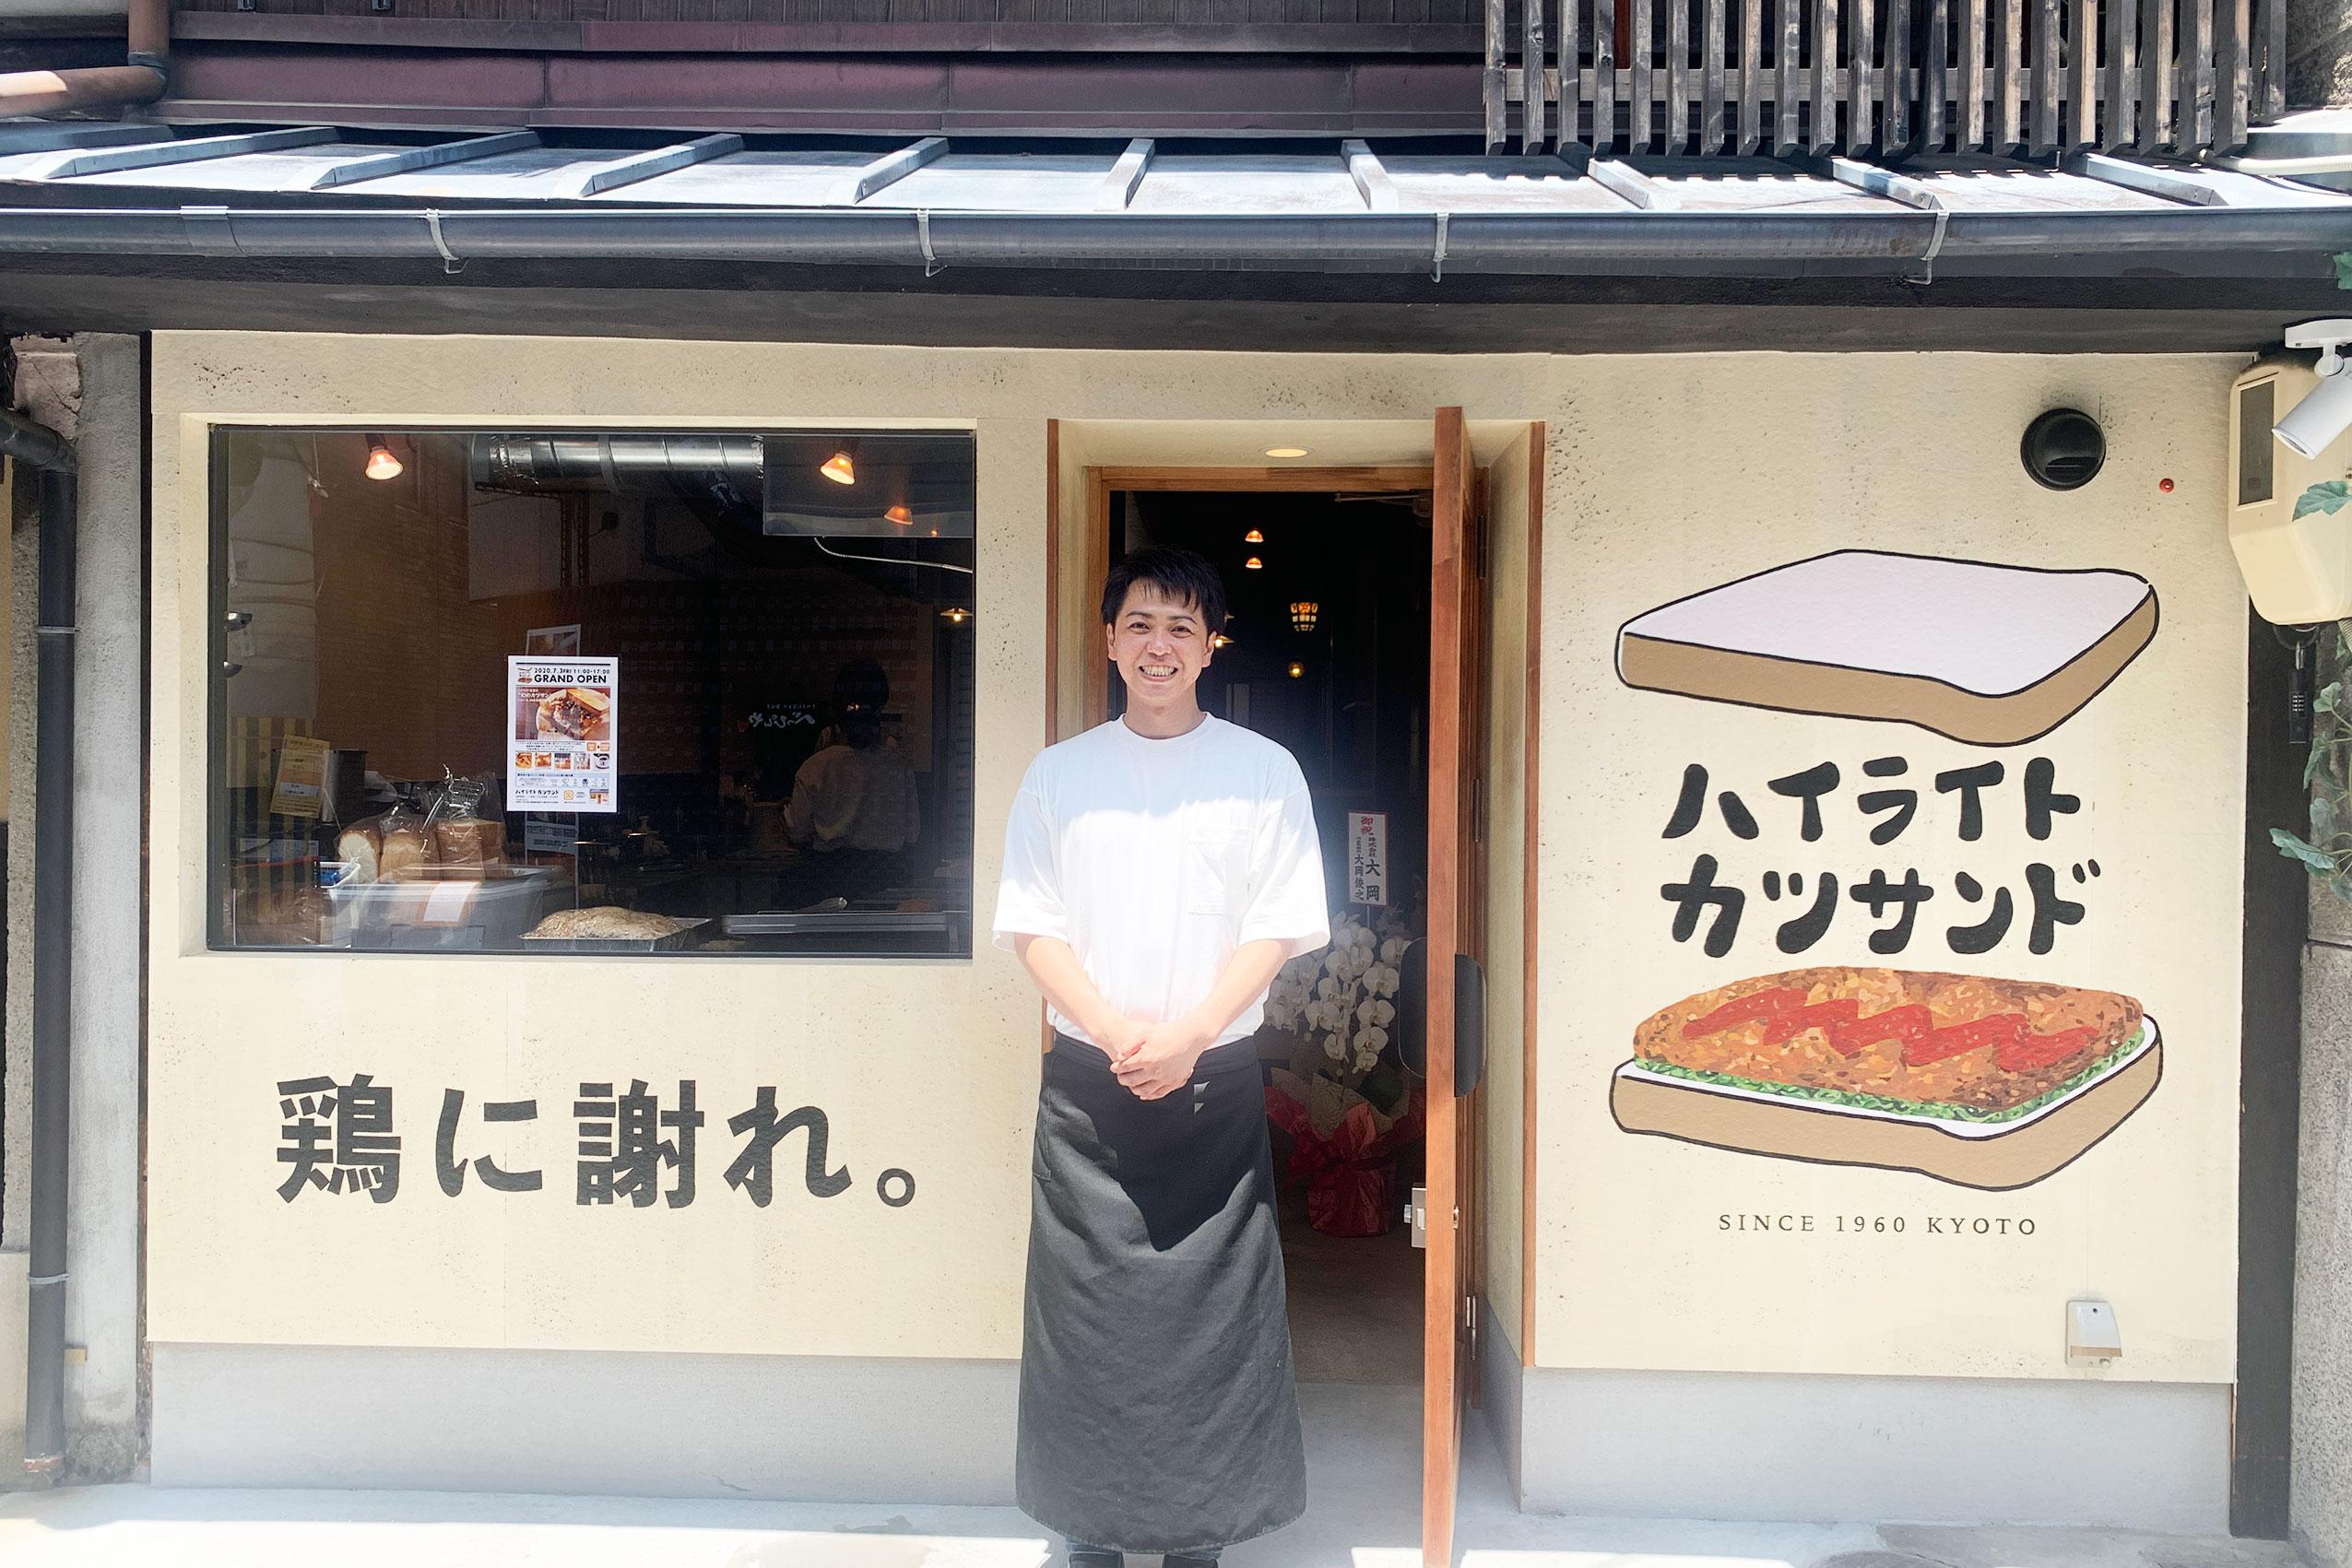 店主の辻井一喜さん。サンドには、老舗ベーカリー「大正製パン所」の耳までおいしい食パンを使用。チキンカツのサイズに合わせ、少し小さめに焼いてもらってる特注品